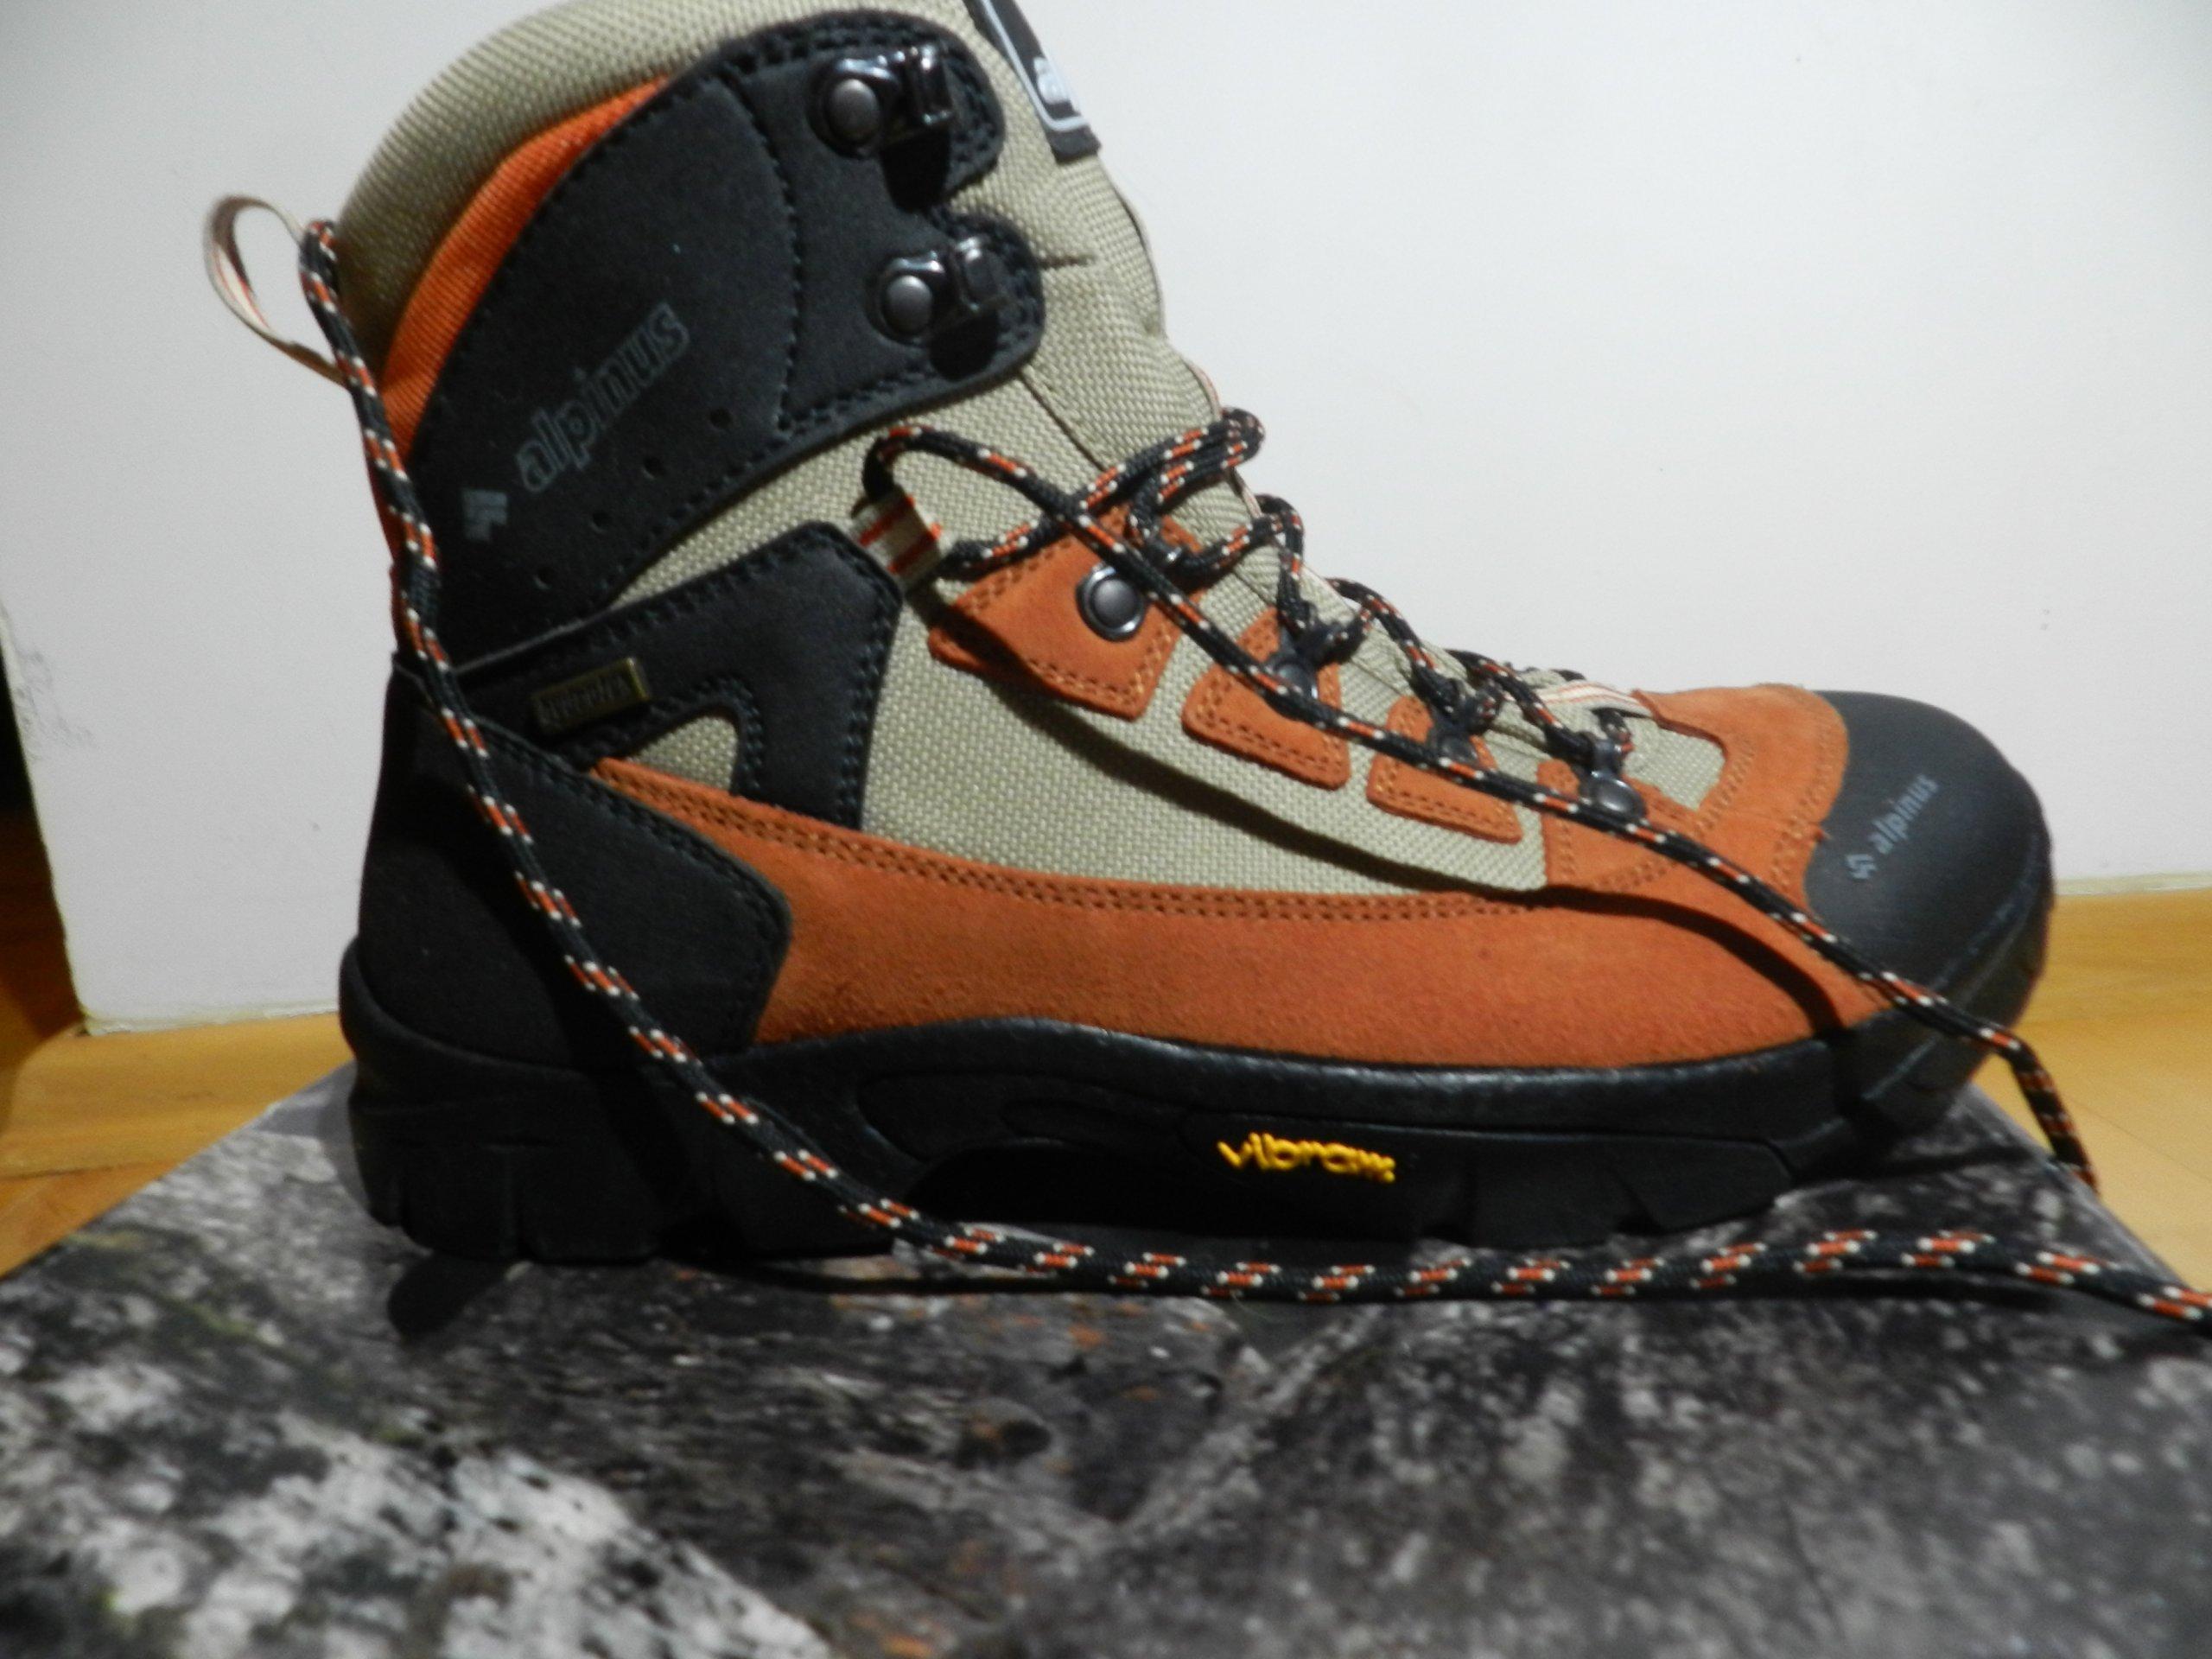 29934bba29193 Alpinus buty trekkingowe SHERPA LADY rozm.42 - 7149304839 ...